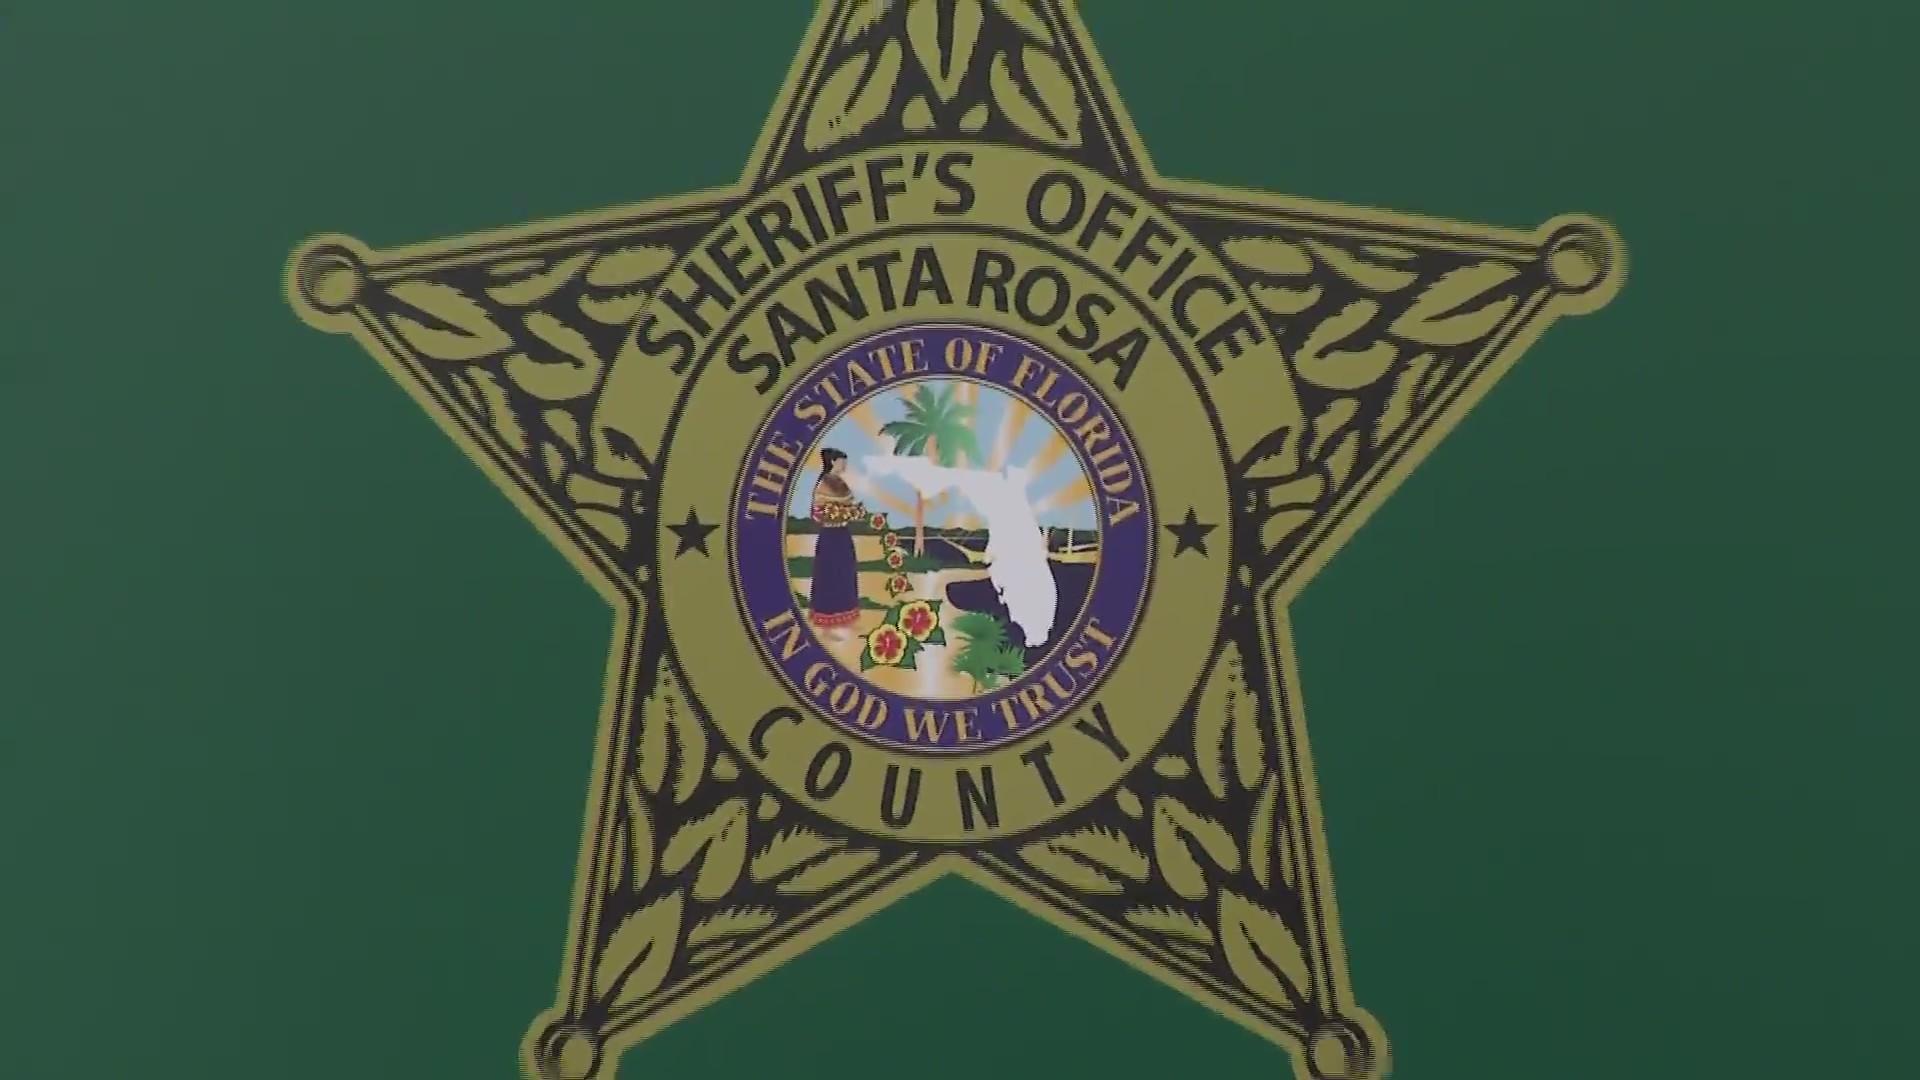 santa rosa county sheriff office_1545155645948.jpg_65382851_ver1.0_1552680081428.jpg.jpg